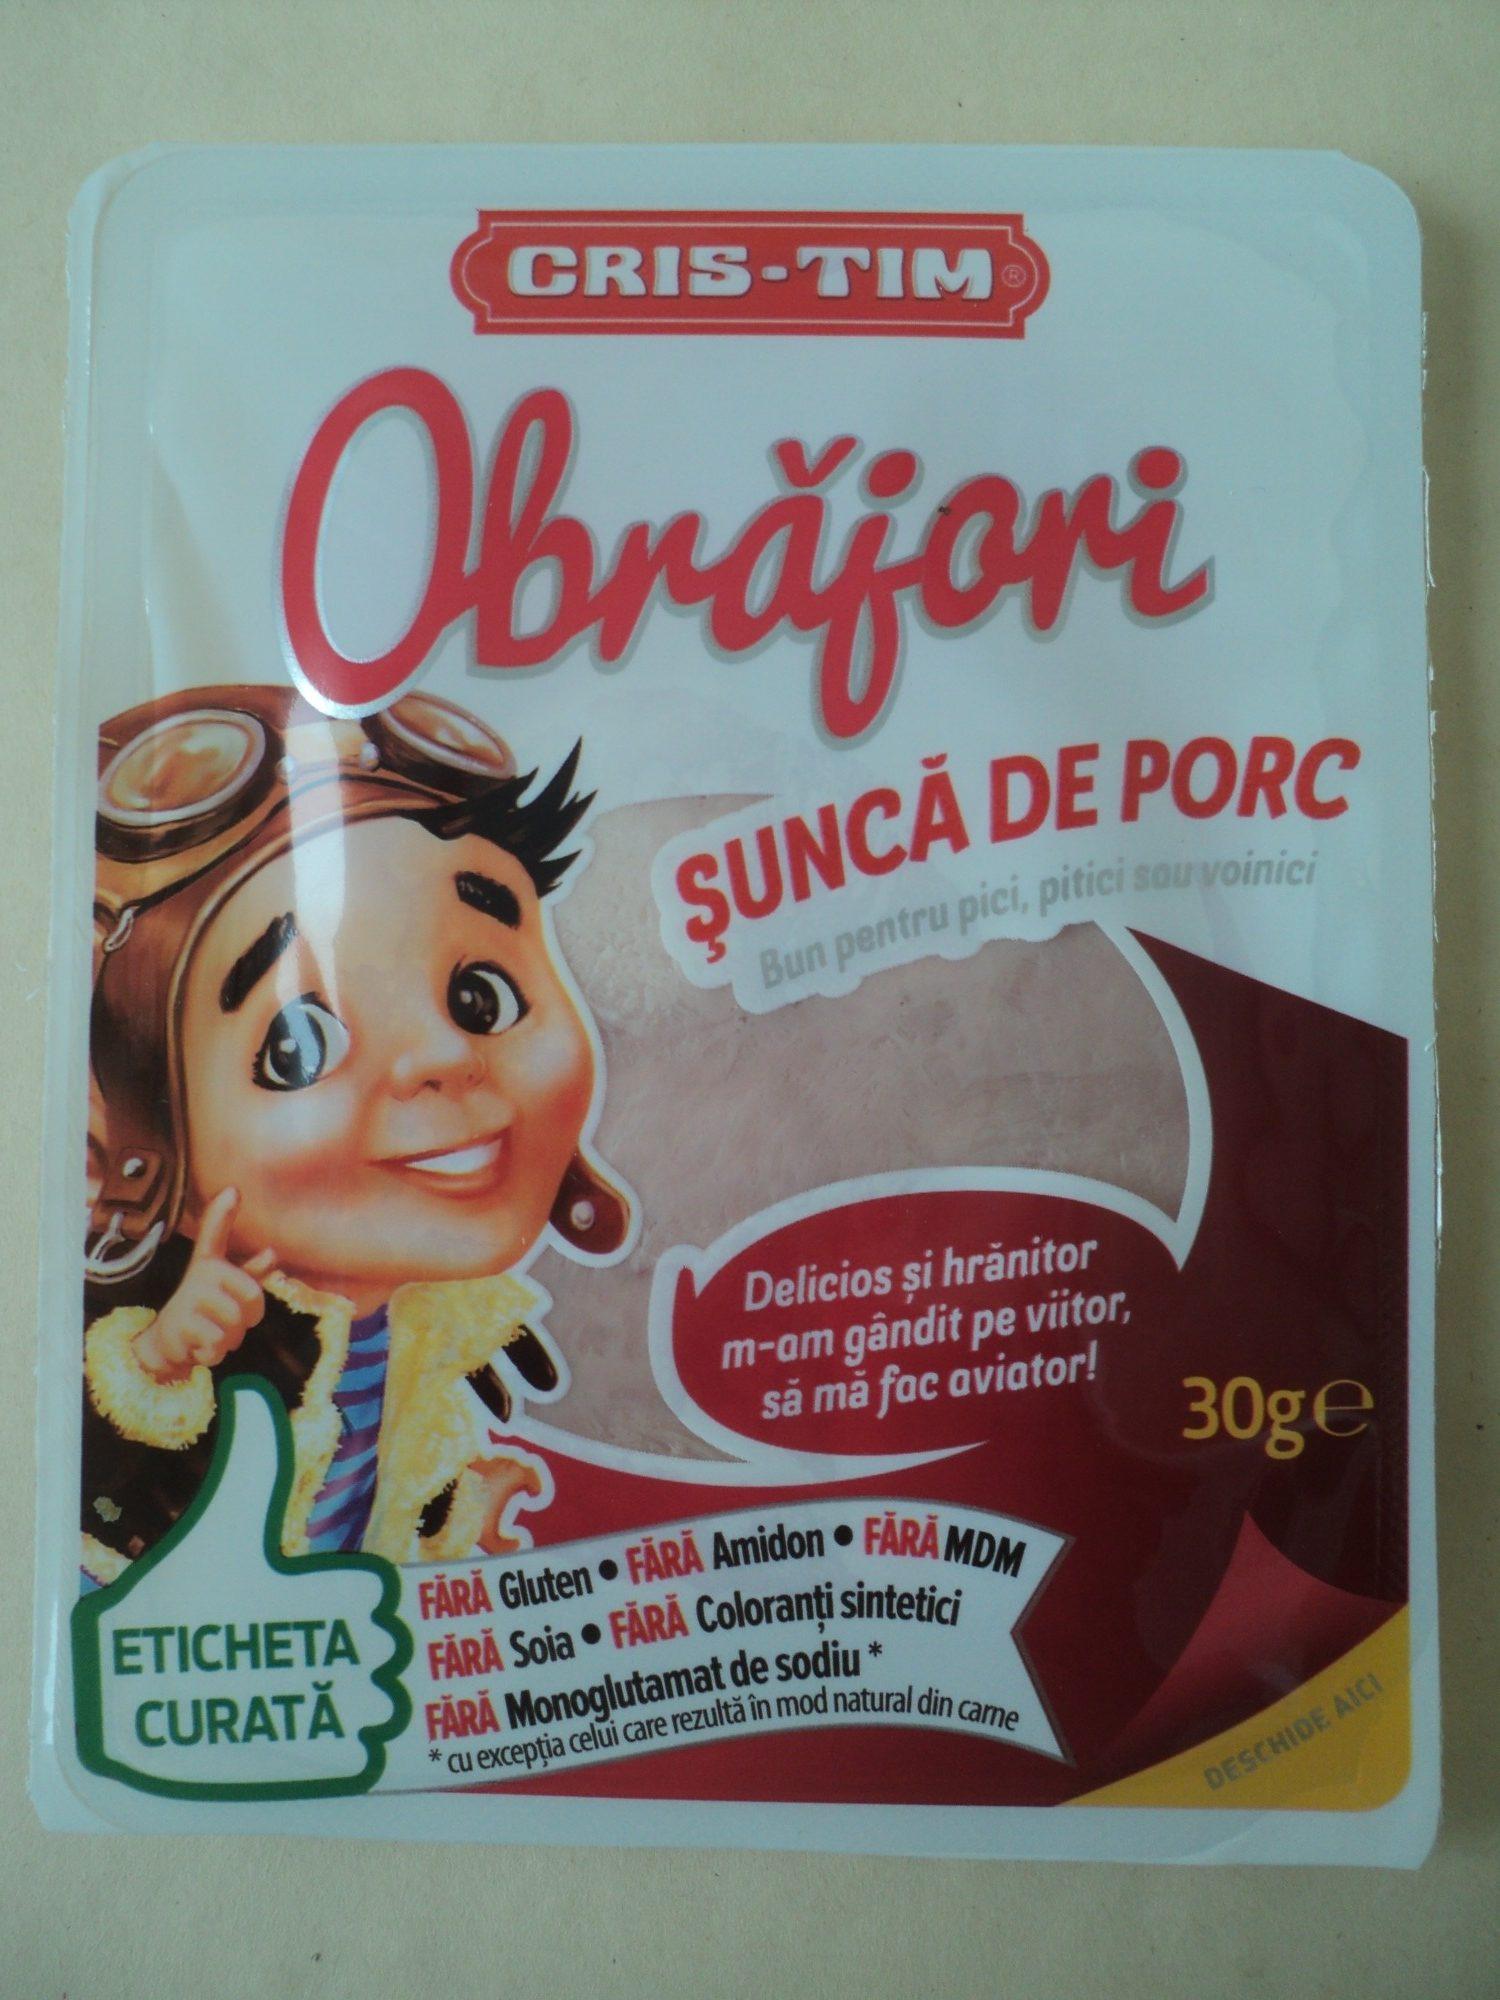 Obrăjori Șunca de porc - Product - ro